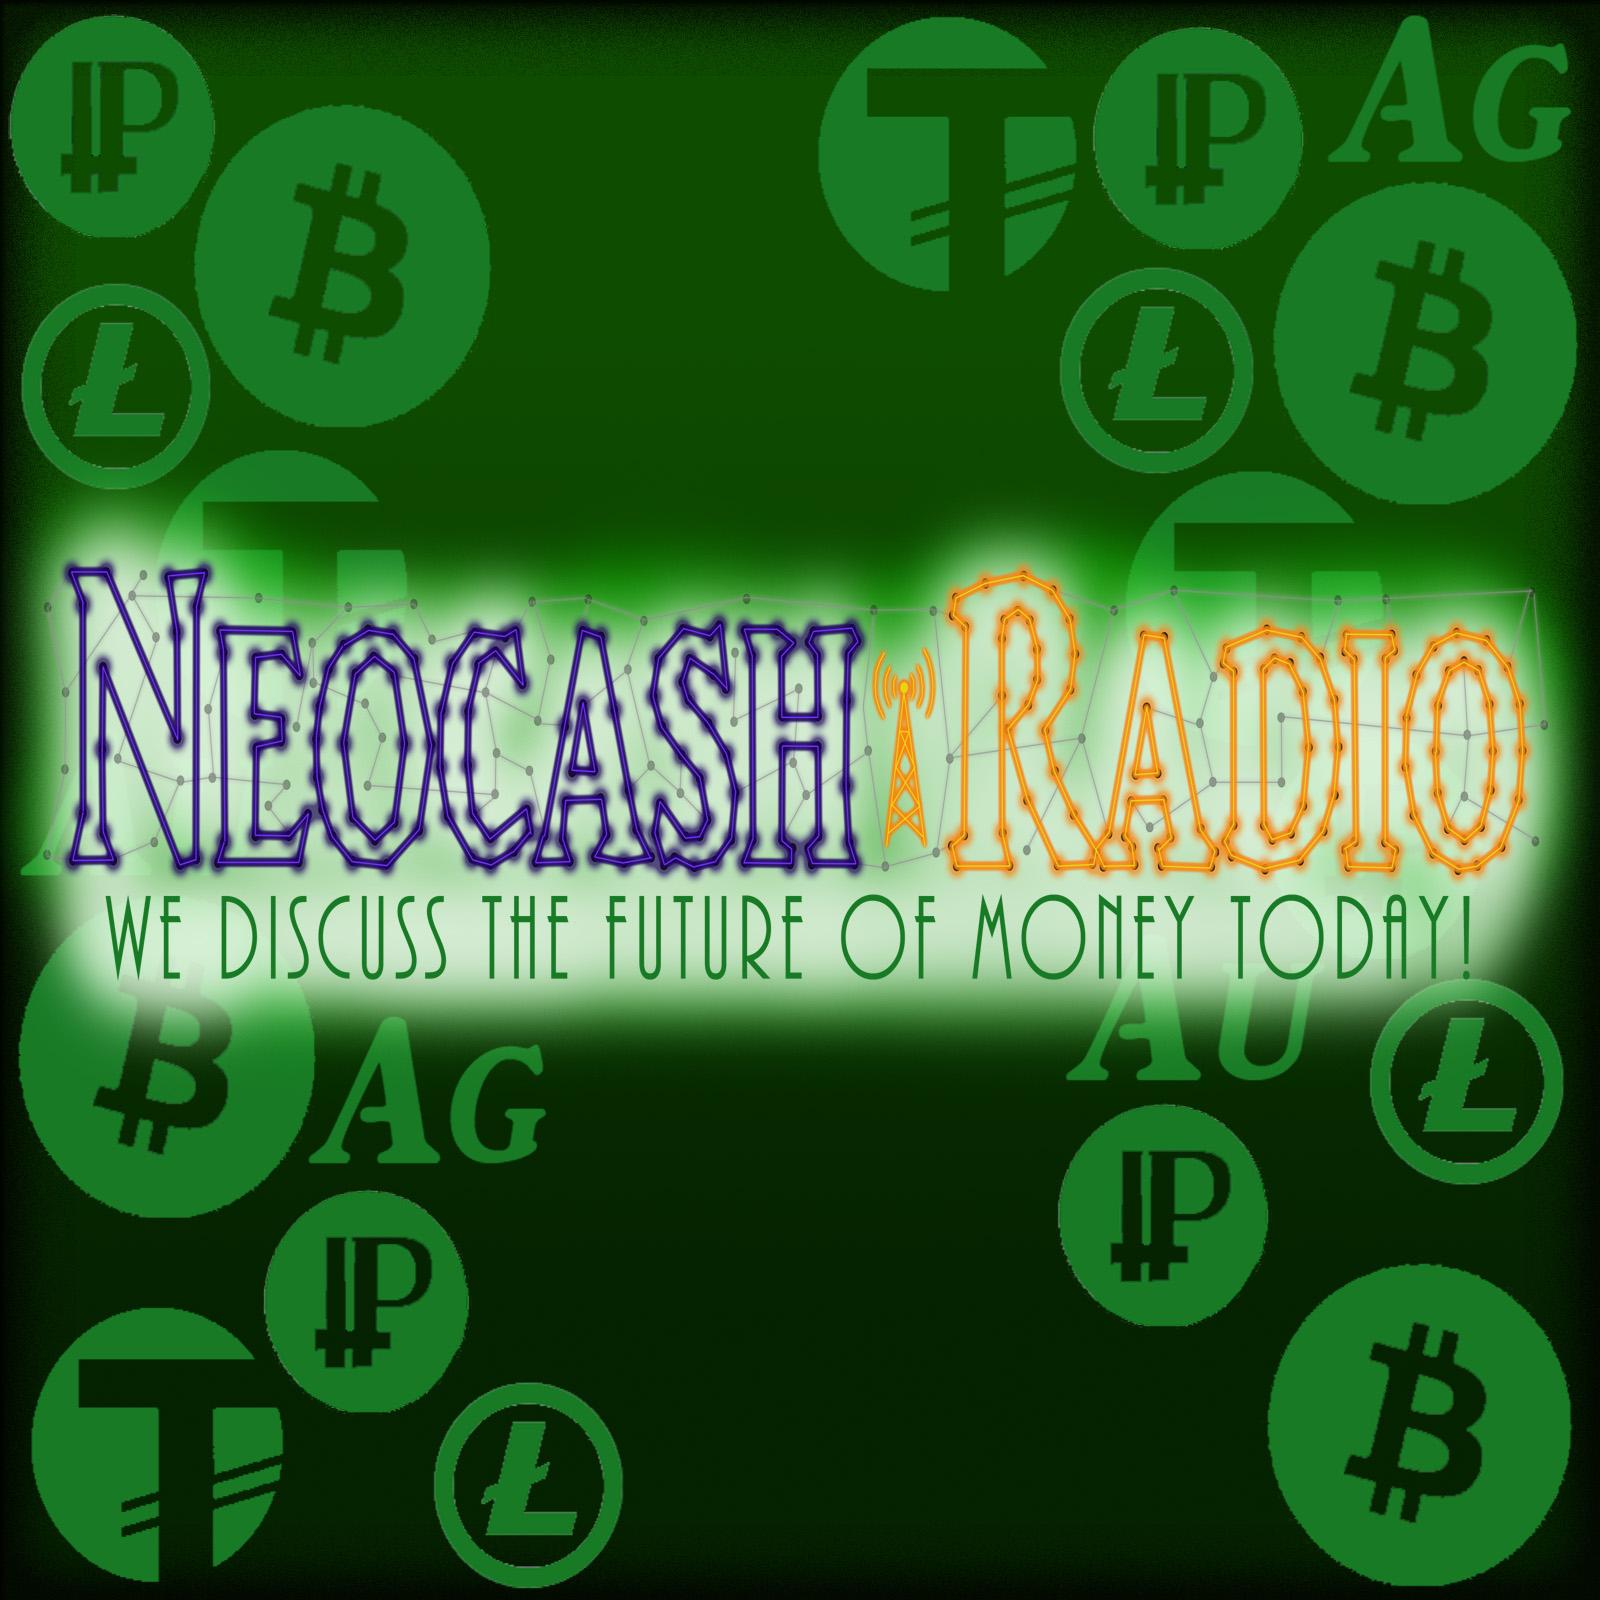 Neocash Radio - Episode 146